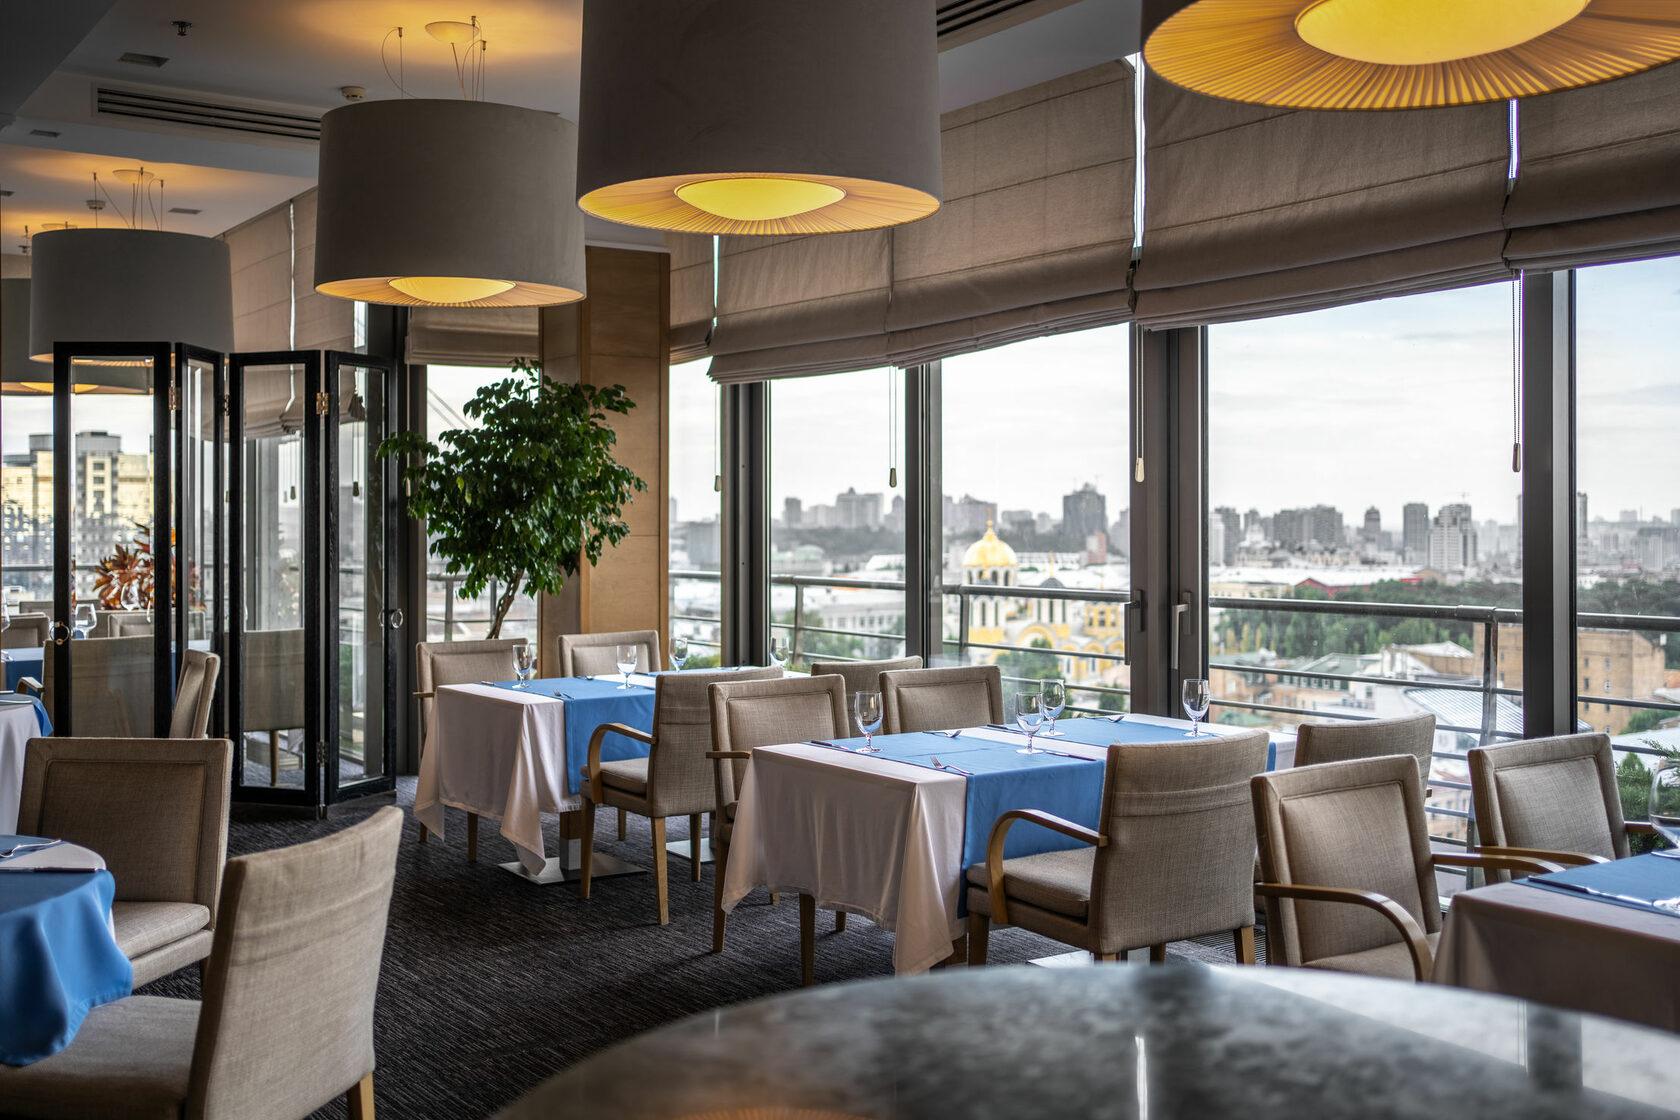 Matisse restaurant - RSRVIT